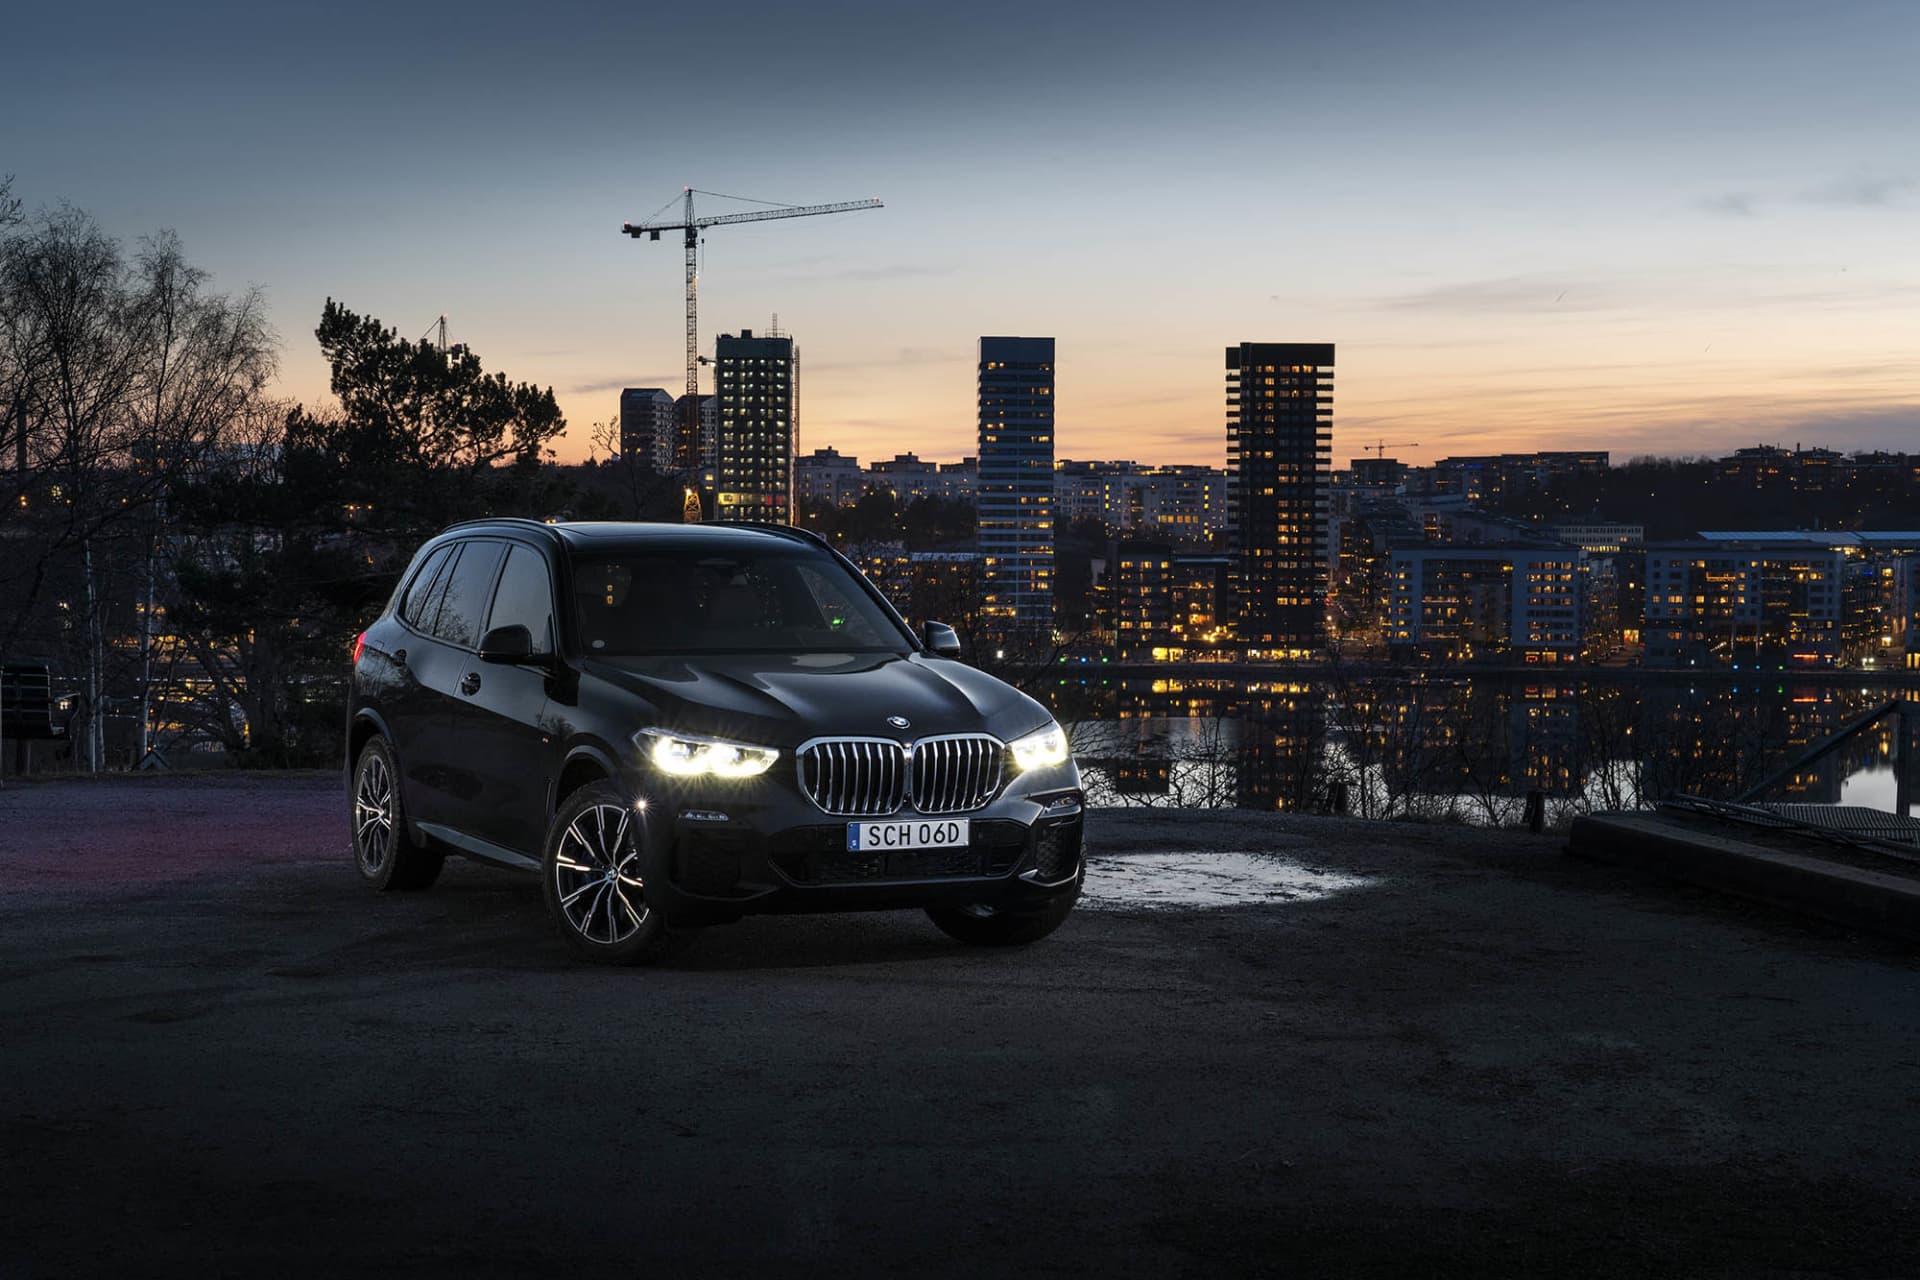 Nya BMW X5 xDrive45e är torts sin storlek är miljövänlig suv tack vare sin plug-in hybridteknik.